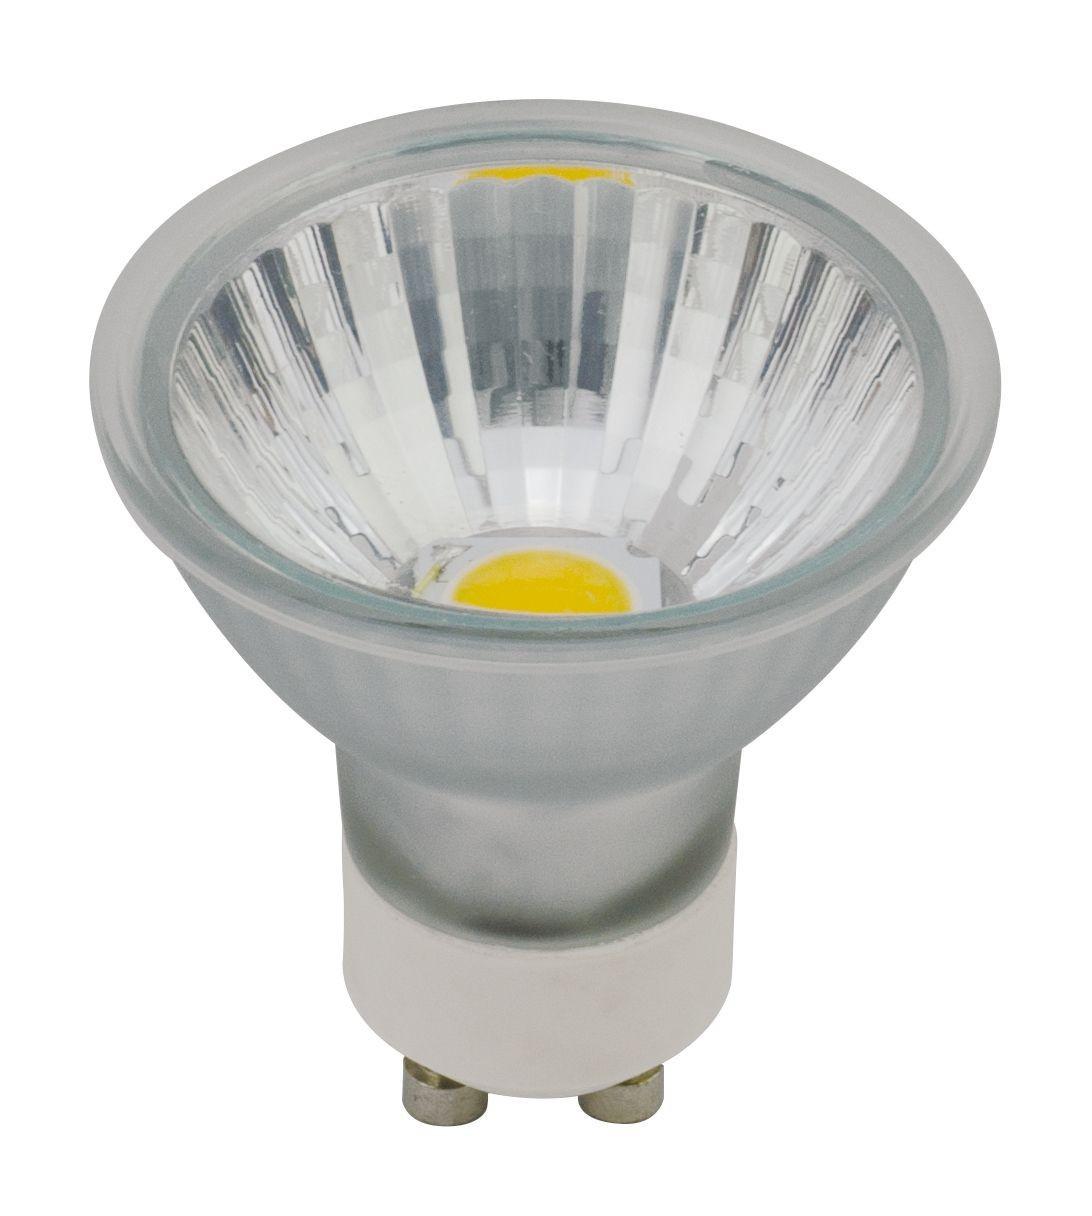 LANDLITE LED-GU10-4W/COB melegfehér spot üveg izzó